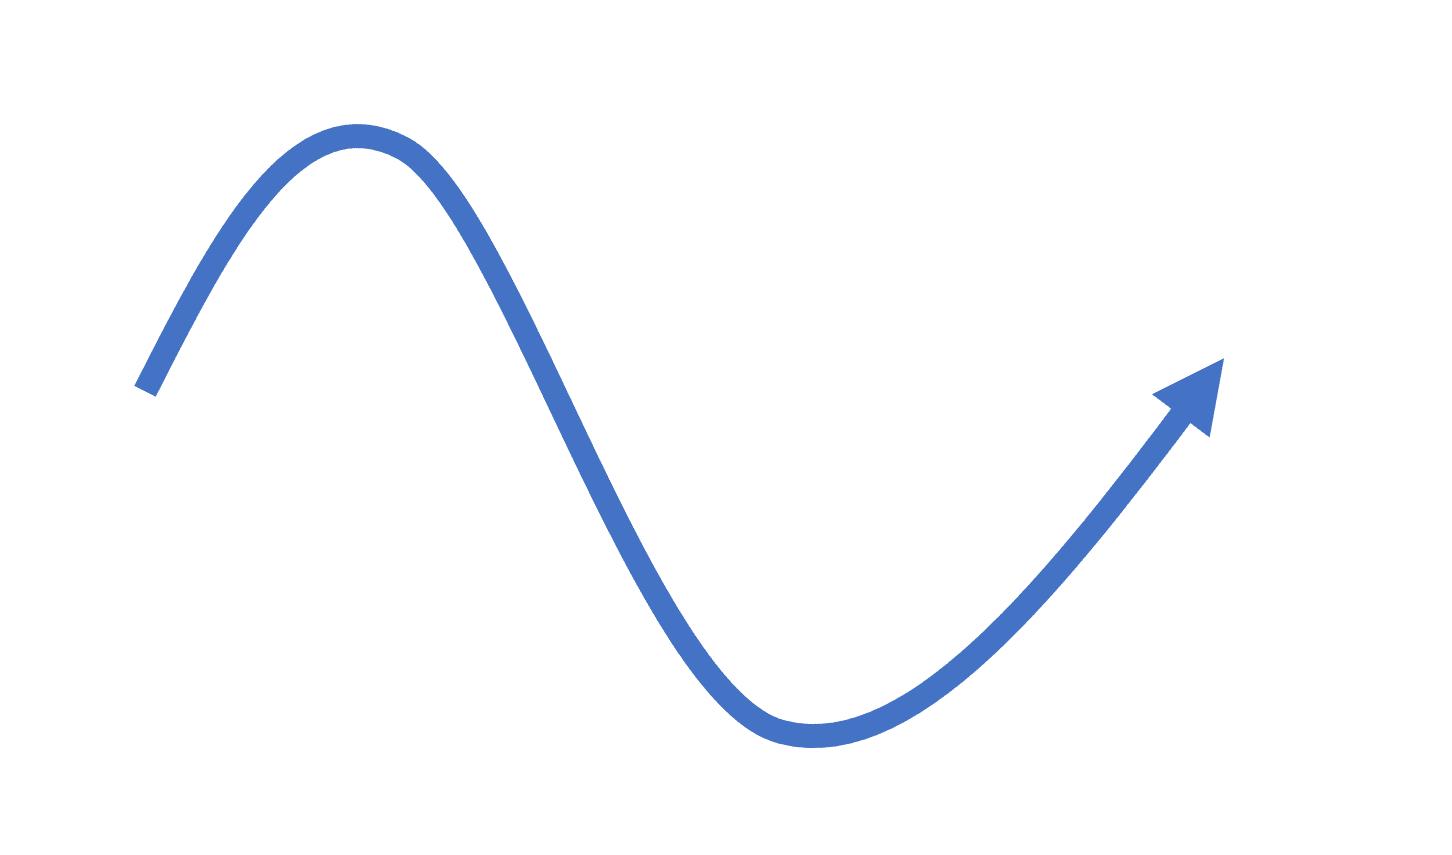 曲線の矢印の完成